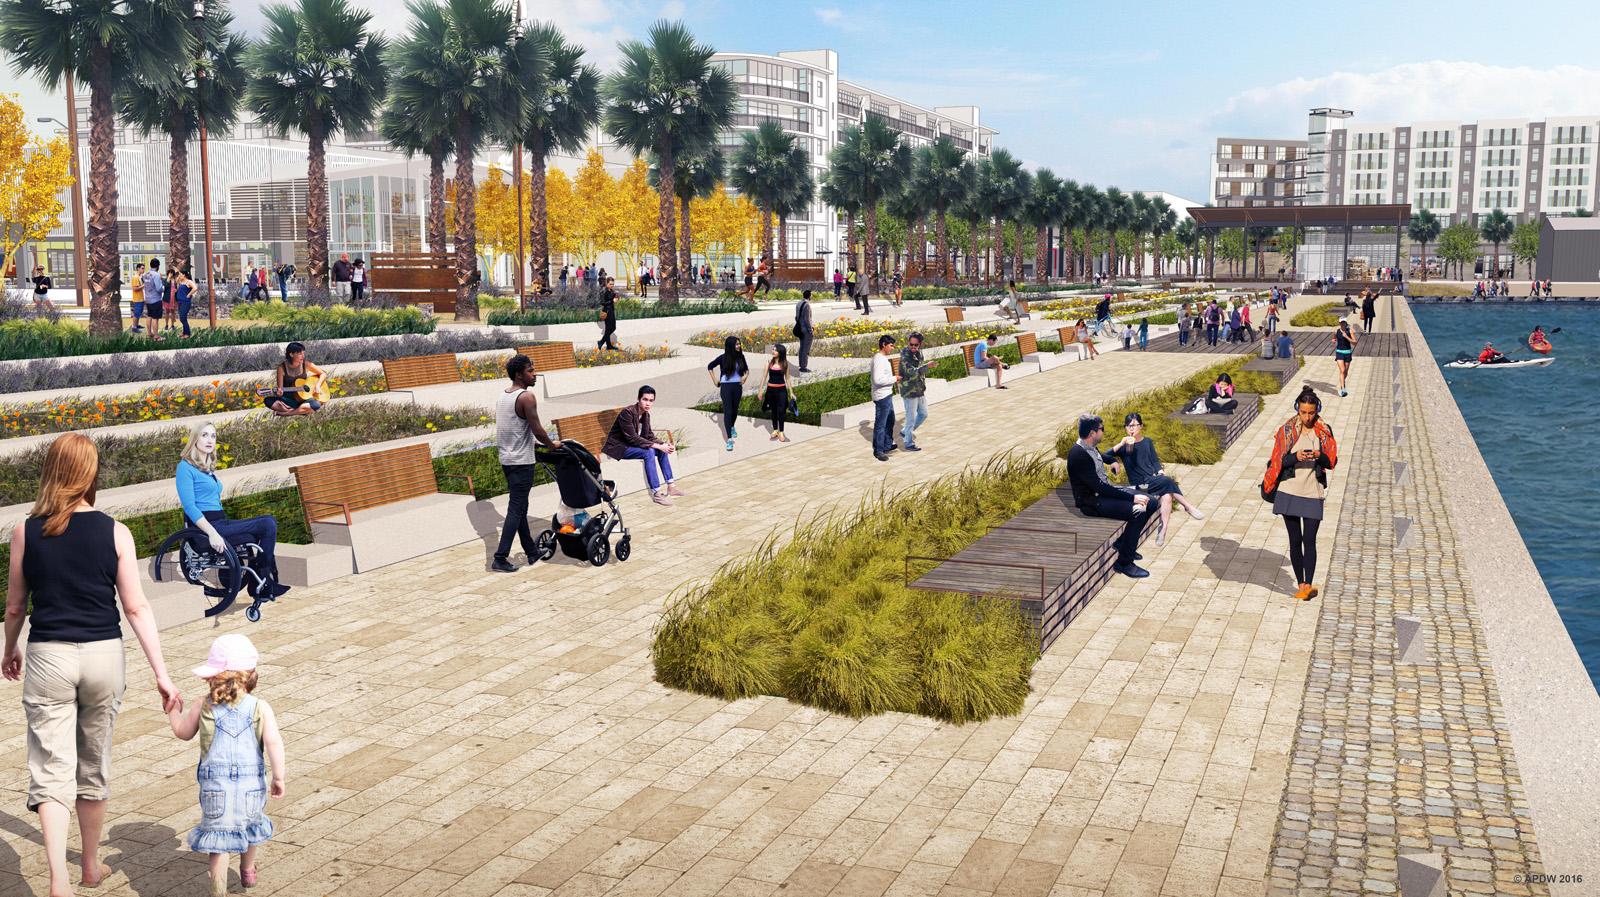 Promenade Design Ideas